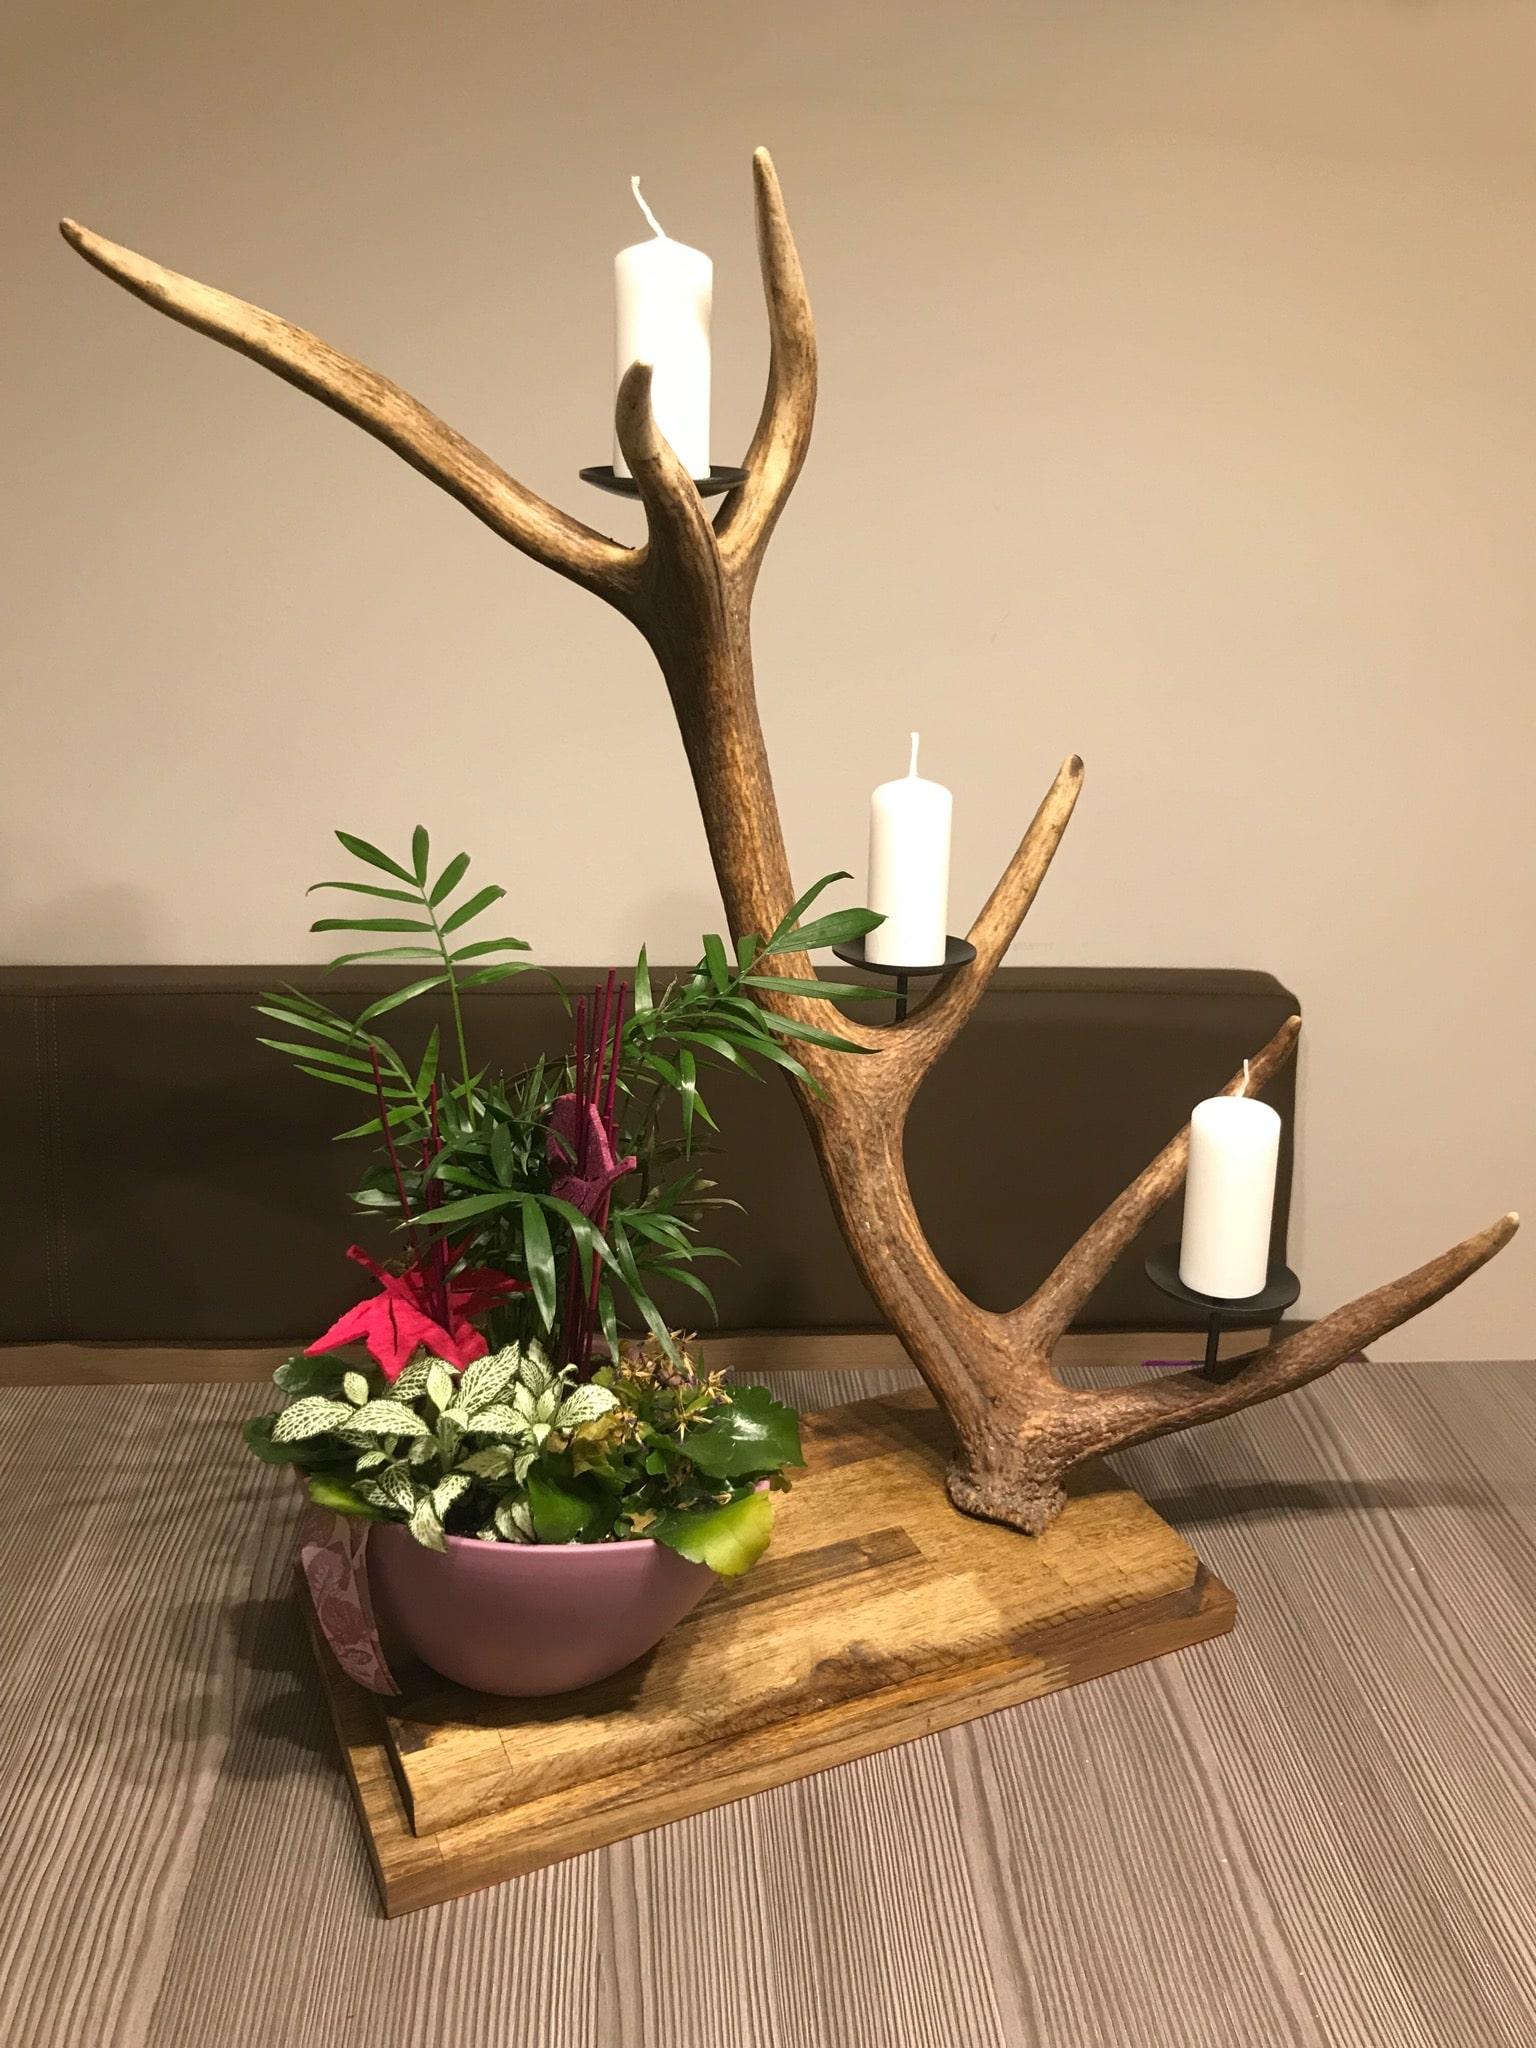 Kerzenhalter aus Geweih ist ein hervorragendes Geschenk für jeden Jäger